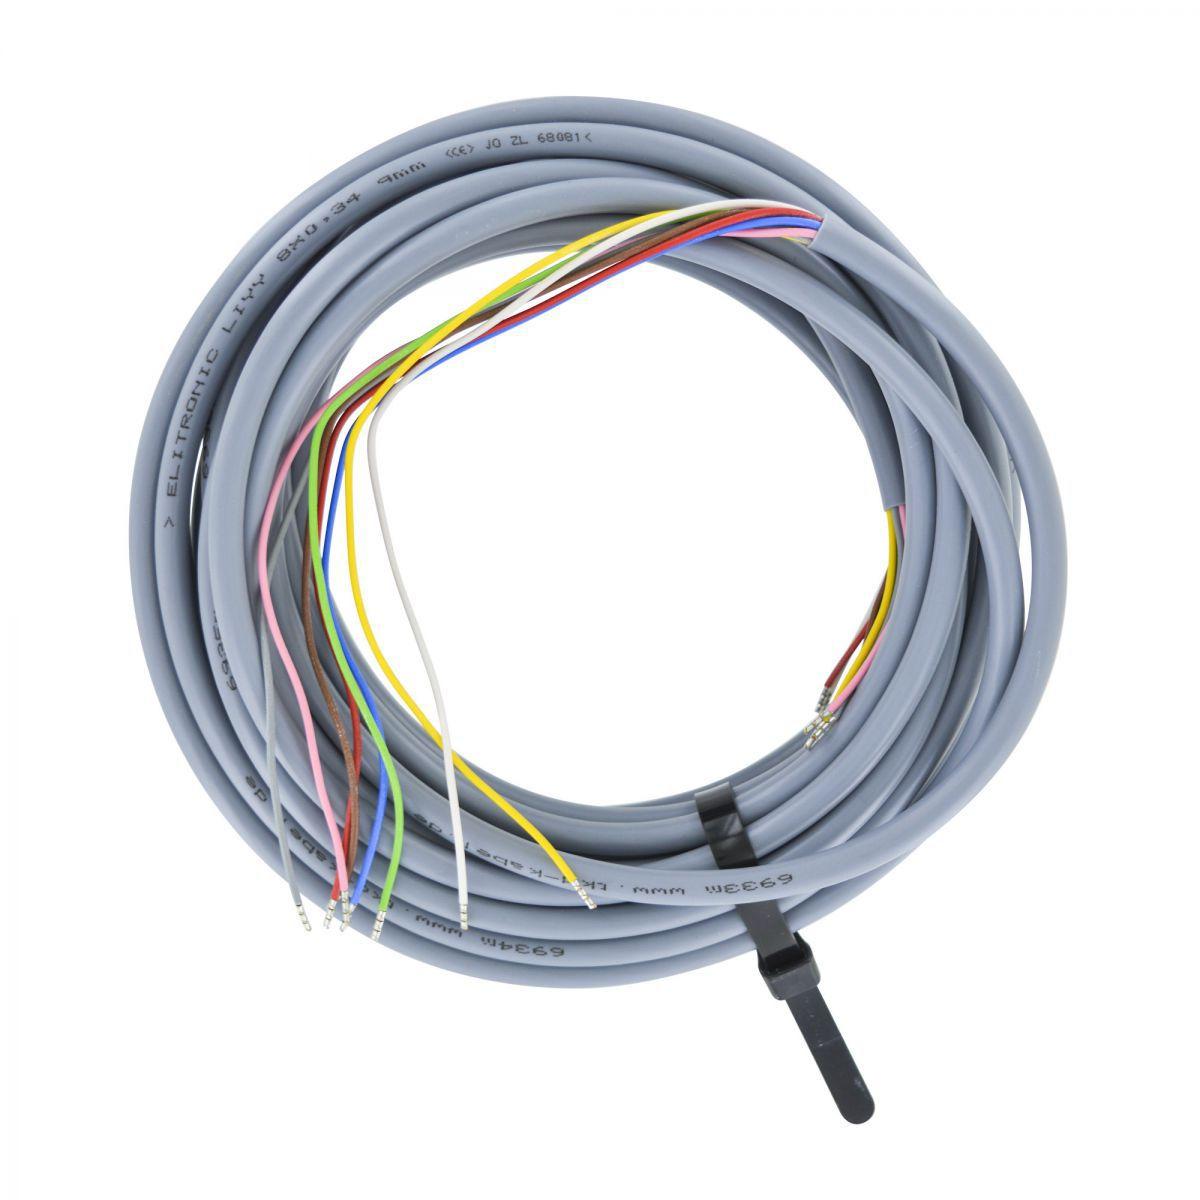 kabel liyy 8x034 mm l8 m mit spleikontakten versehen